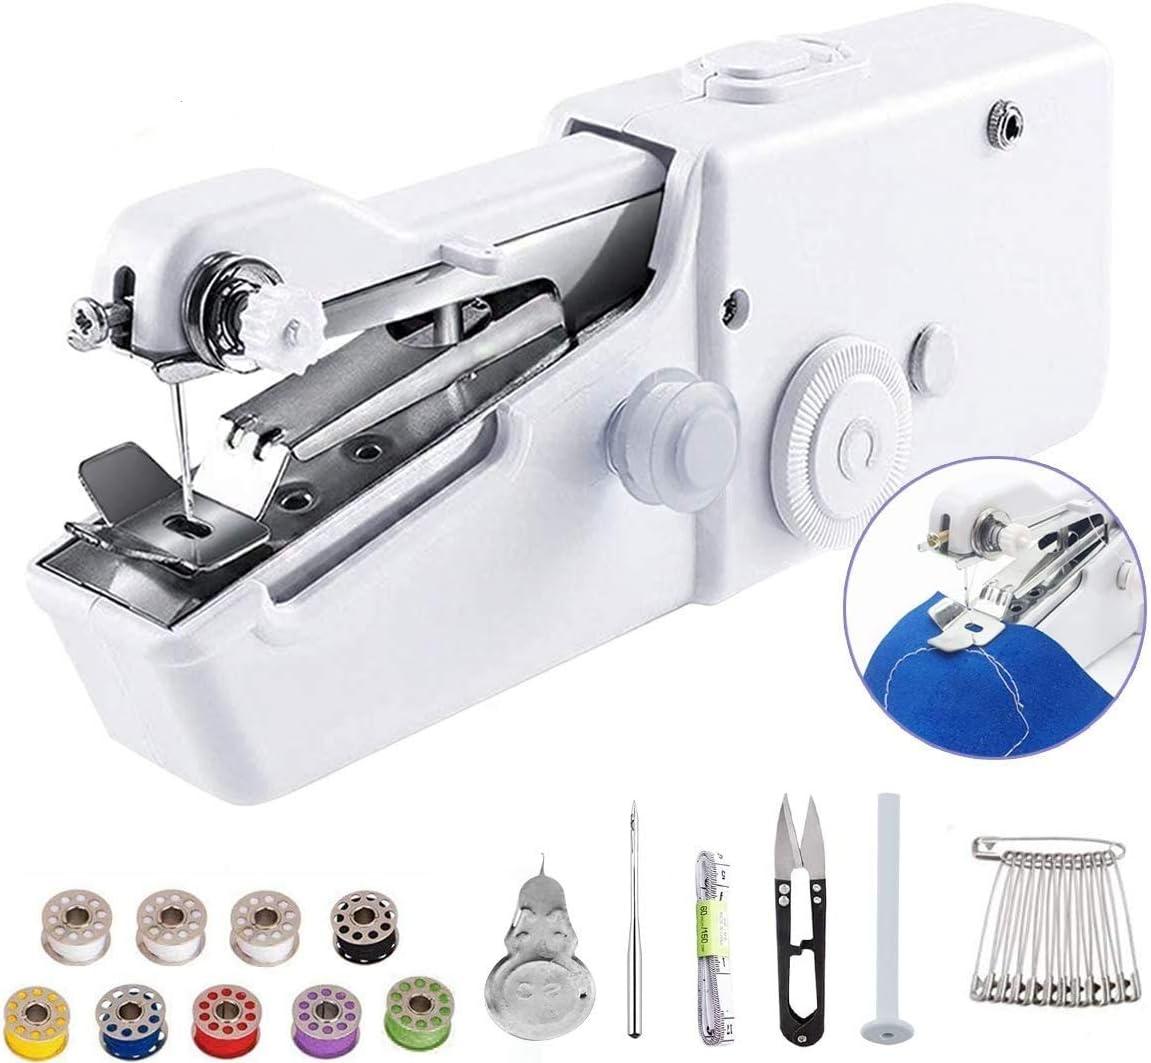 Máquina de coser de mano, mini máquina de coser portátil inalámbrica, mini máquina de coser para ropa de niños, hogar, accesorios de bricolaje (batería no incluida)… (WHITE, 25PACK)